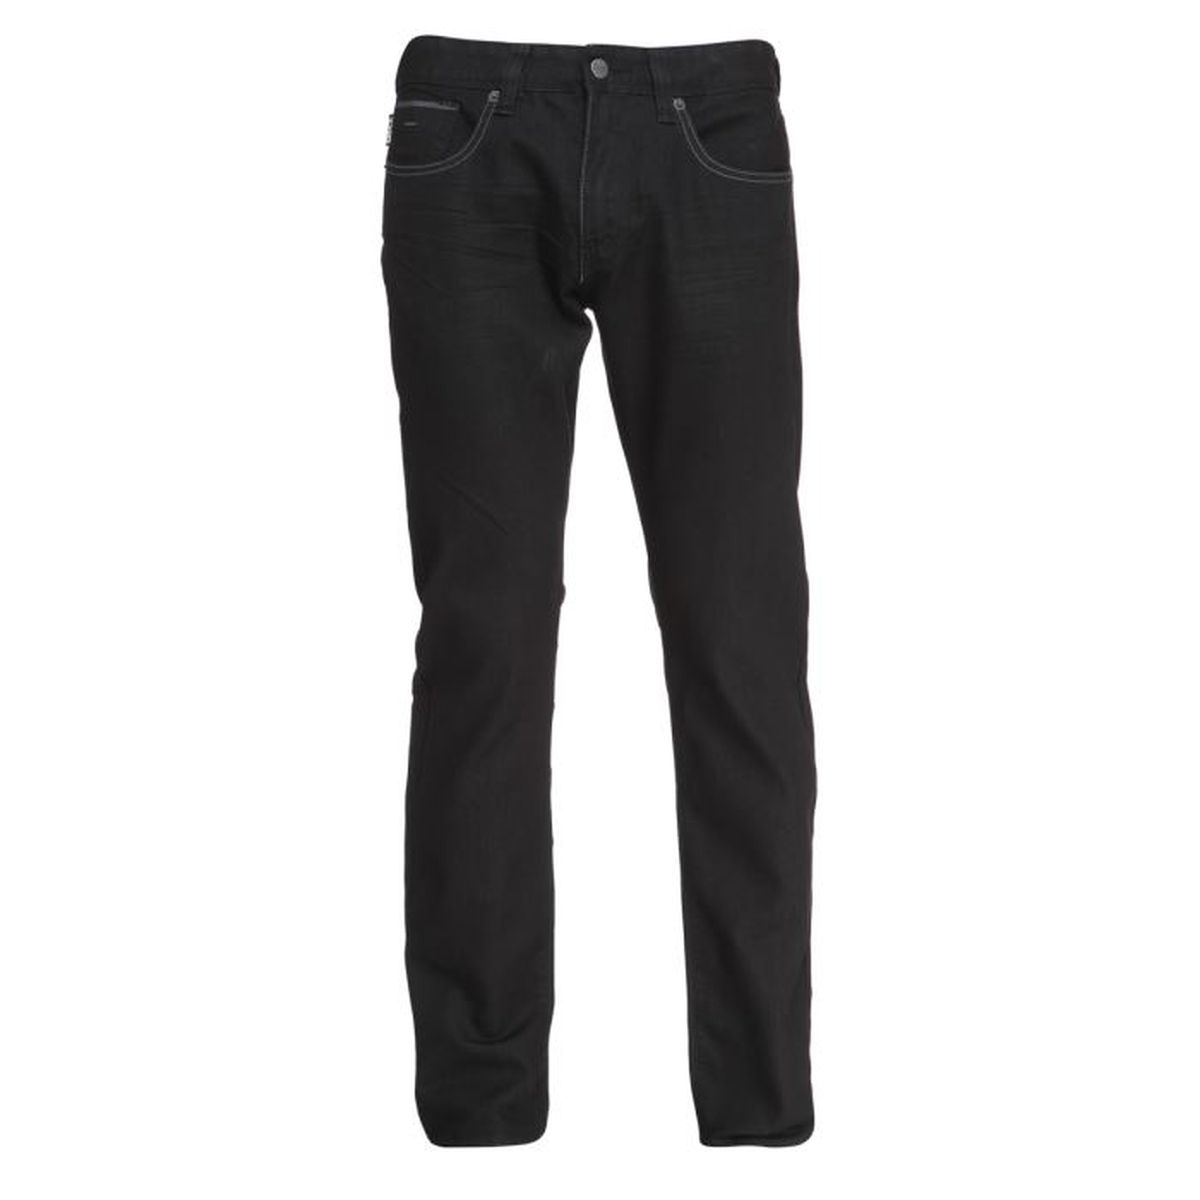 5d61e9d5c18a Noir Vente Cdiscount Complices Homme Achat Jeans Slim Jean Eq1ZX